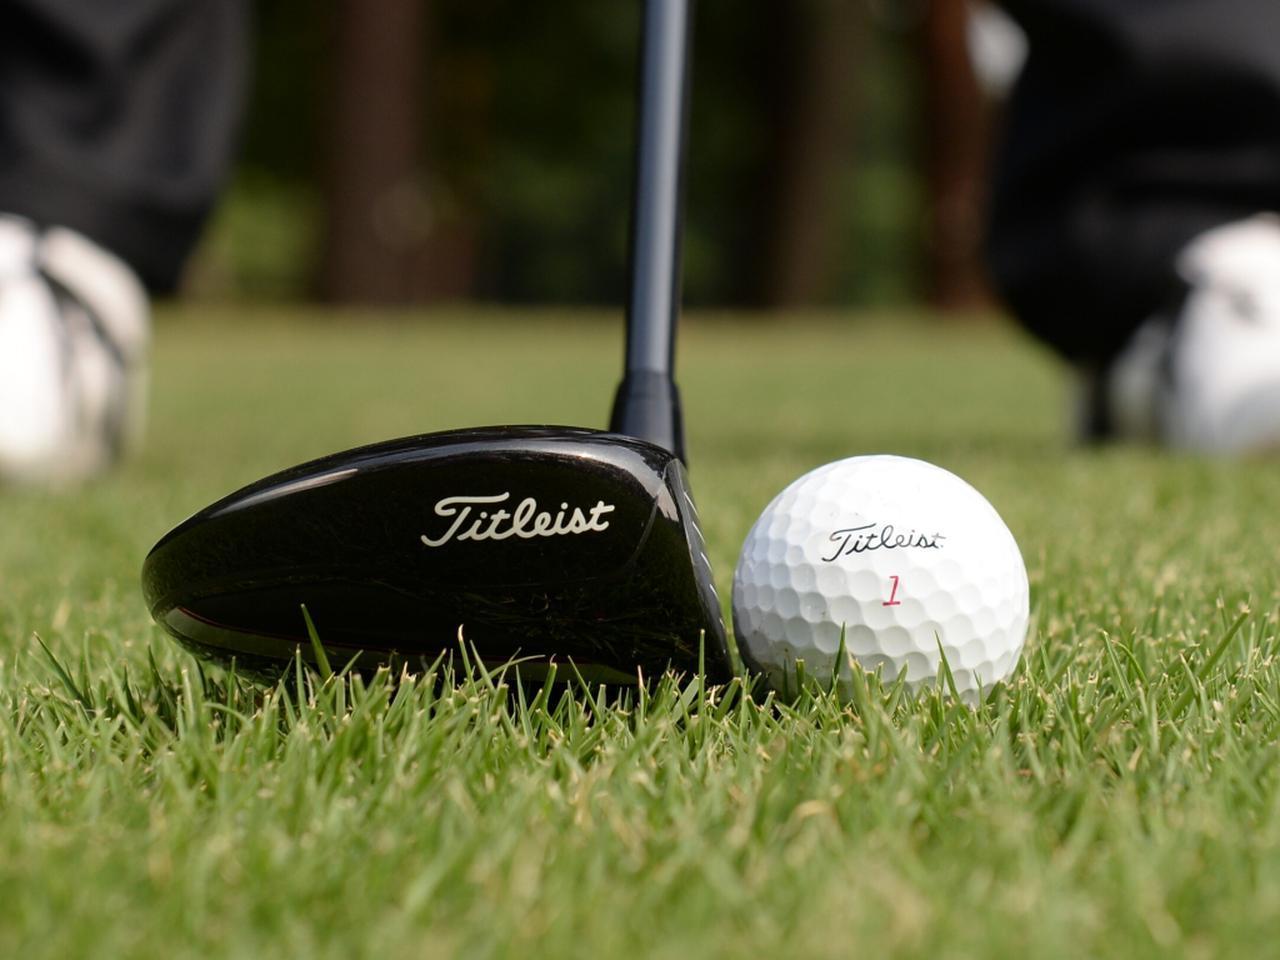 画像: 3Wなどはロフトが立っているぶん苦手意識を持っているゴルファーは多いかもしれない。上手く打てず失敗が多いクラブは諦めるのも立派な選択肢だ